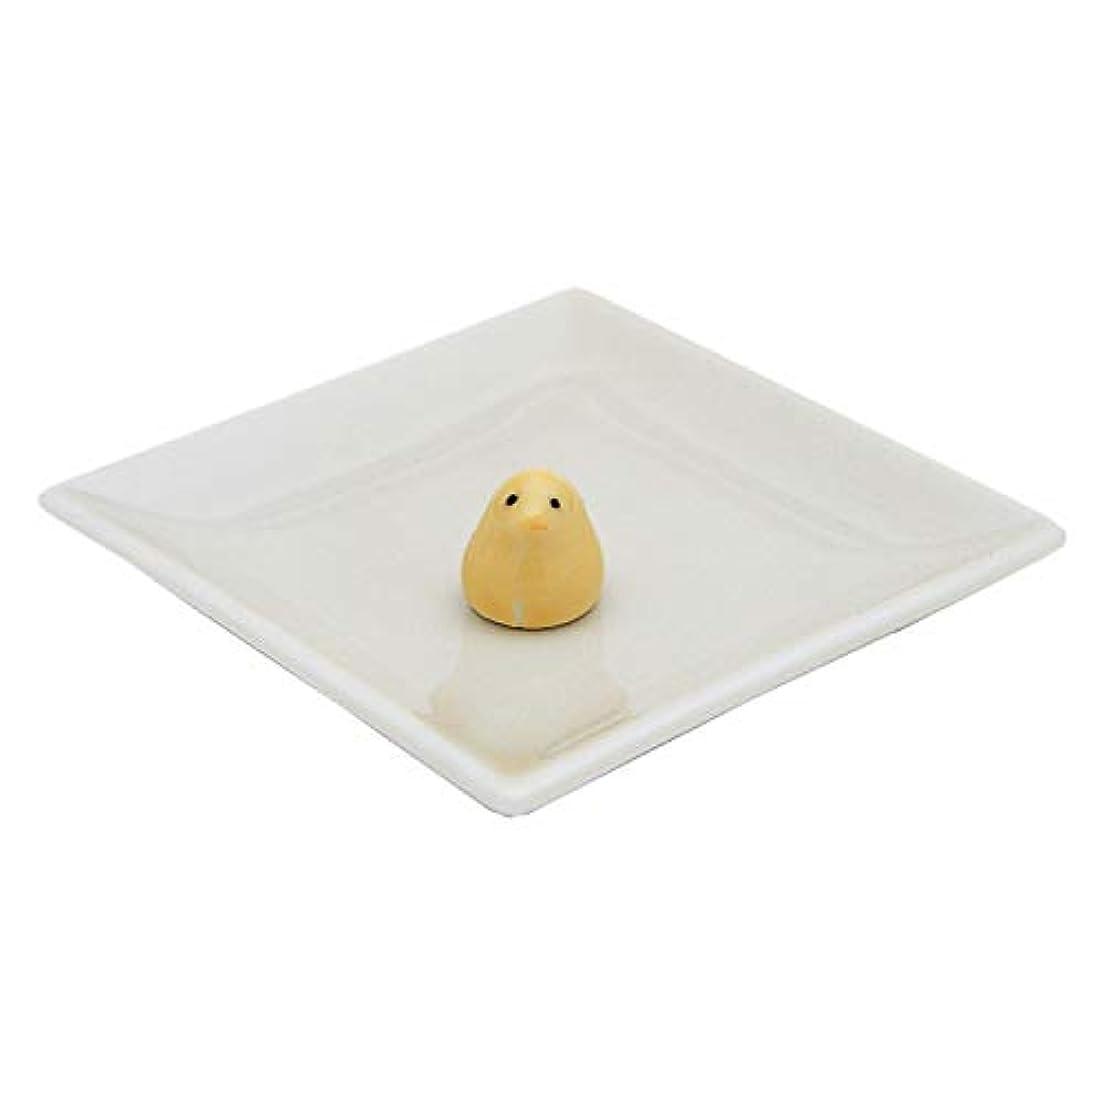 クリークセージ接触陶器香皿&ヒヨコ香立(アイボリー)